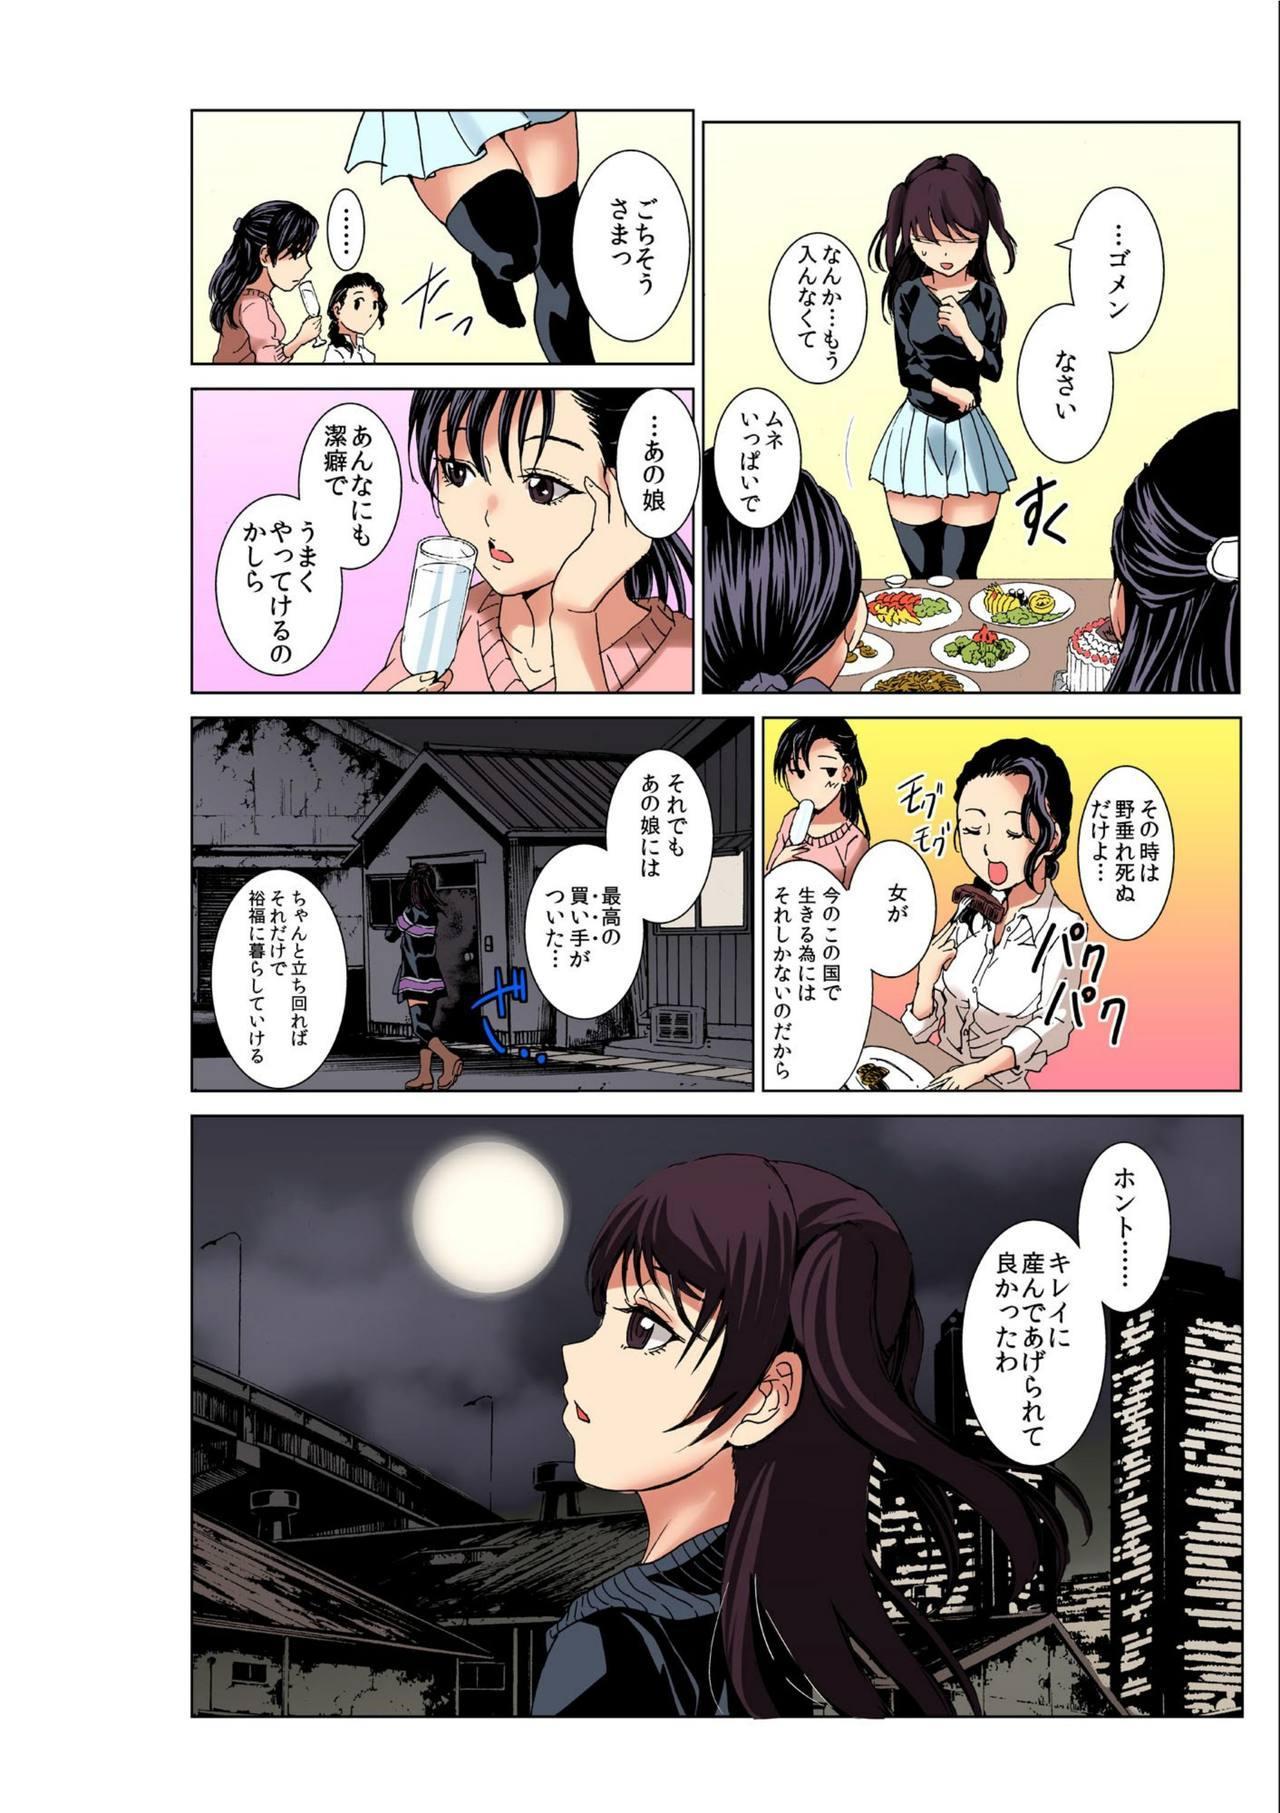 [Rurukichi] Seishi ga Kane ni Naru Jidai ~Mesubuta ga Muragaru Ore-sama no Kokan~ 1 28